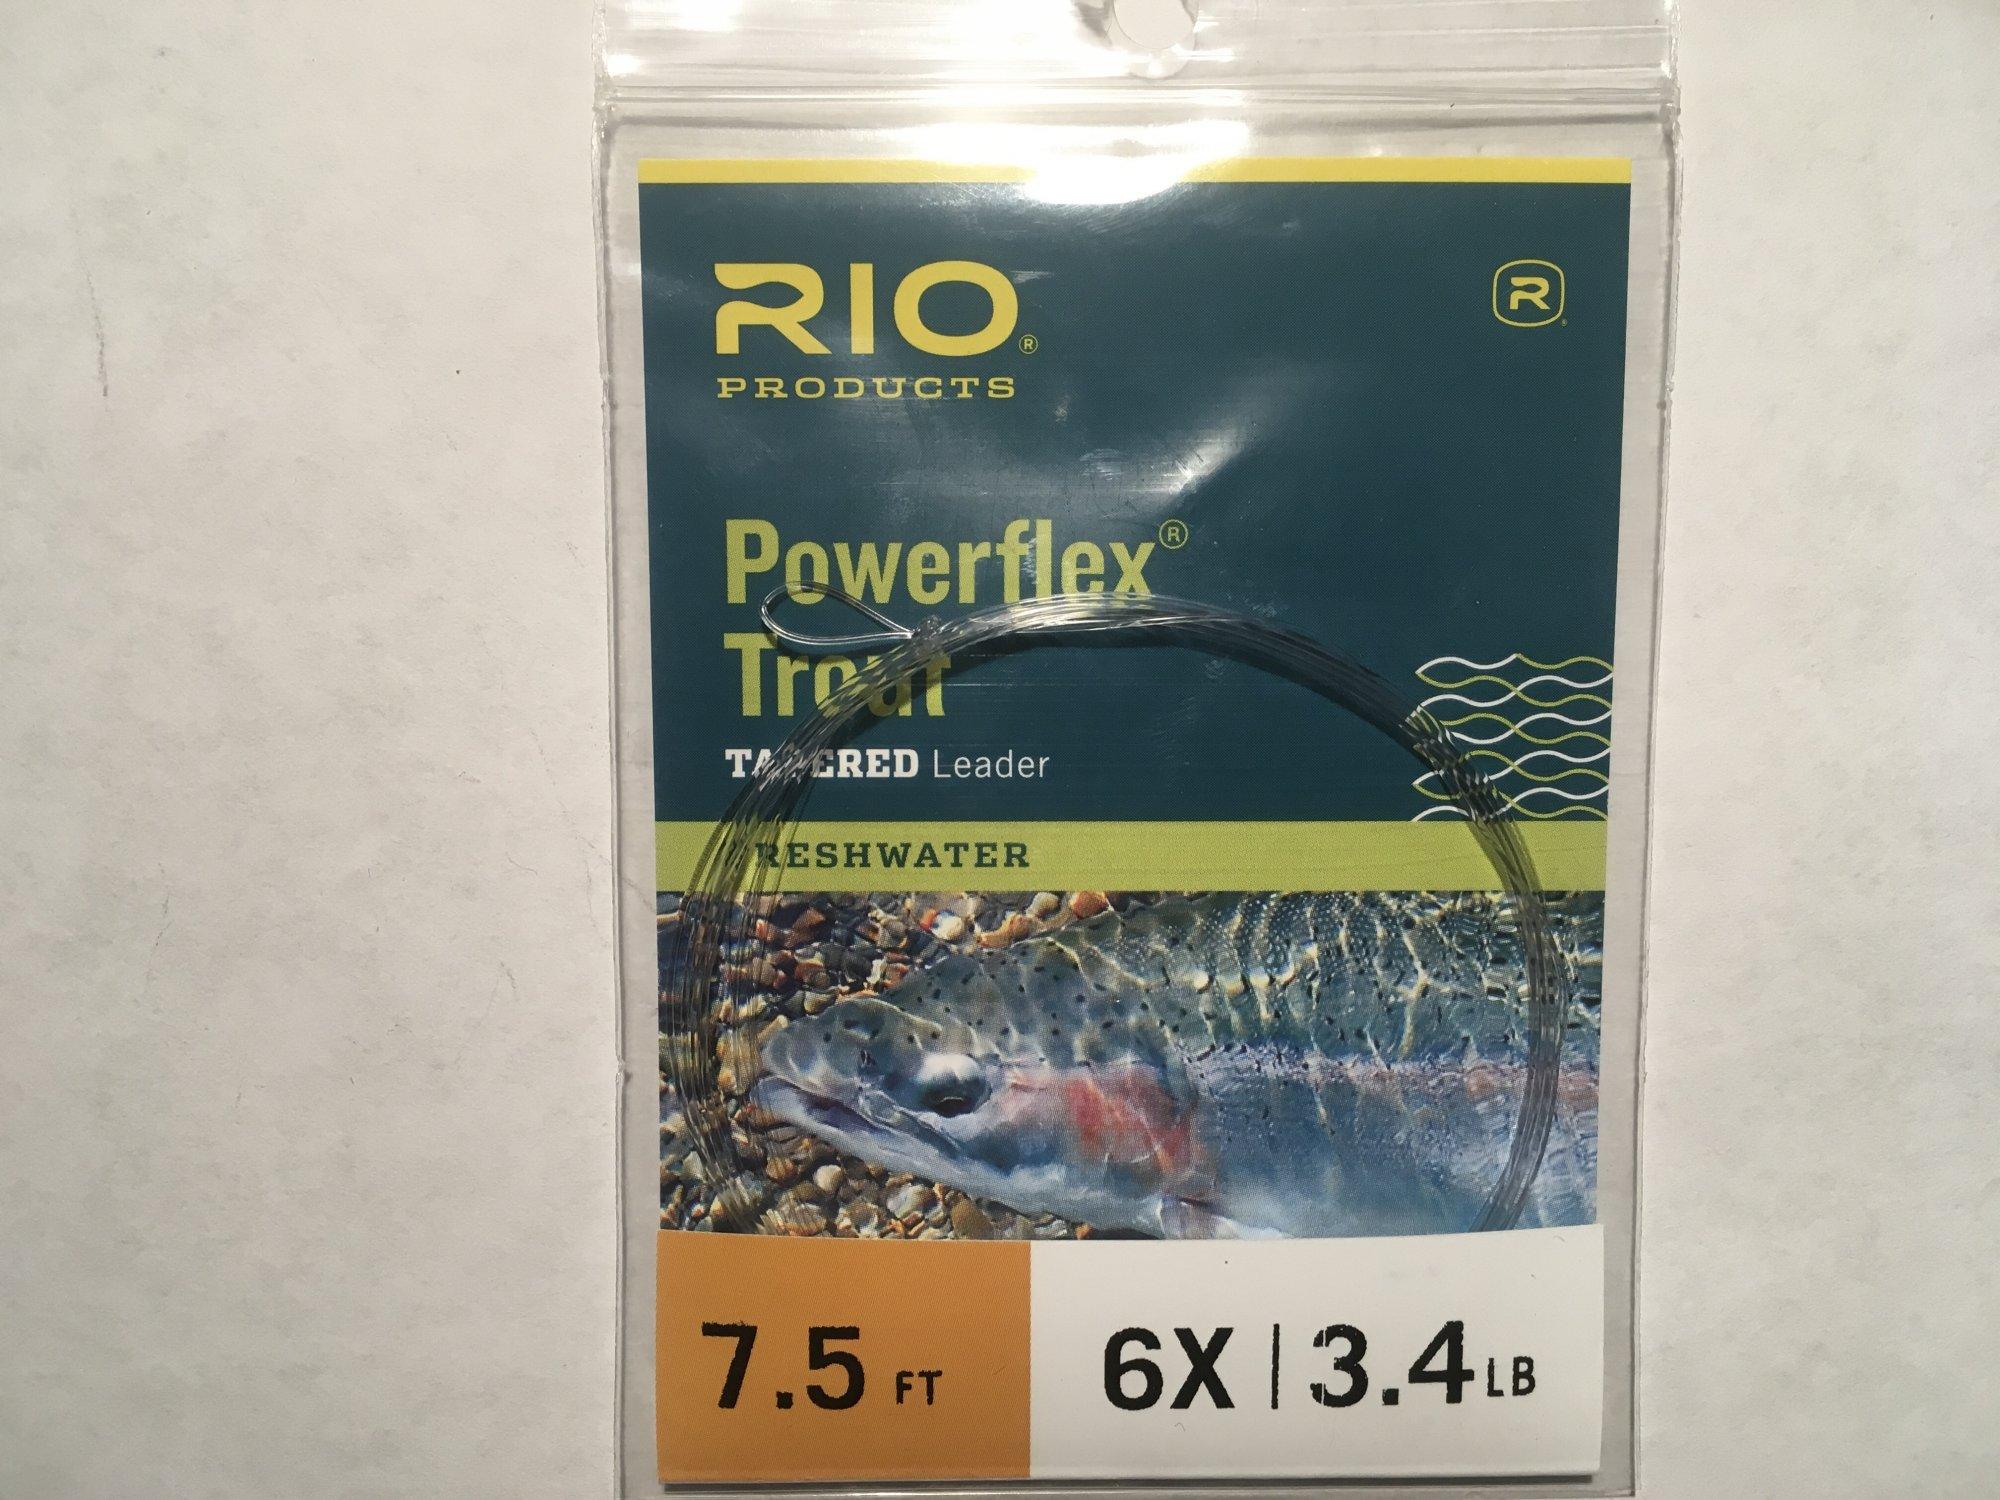 7.5ft 6x Powerflex Trout leader